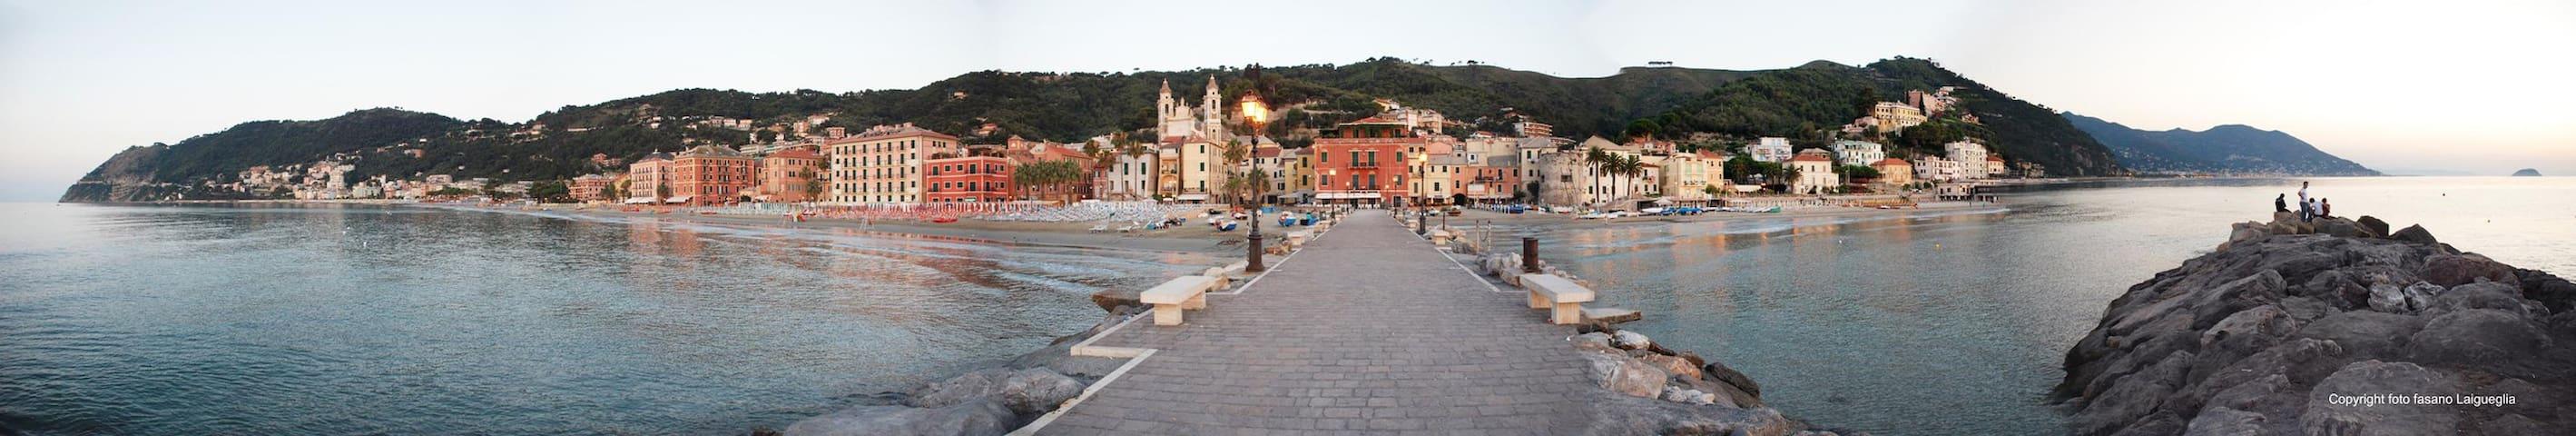 Bilocale confortevole 50mt dal mare - Laigueglia - Apartment